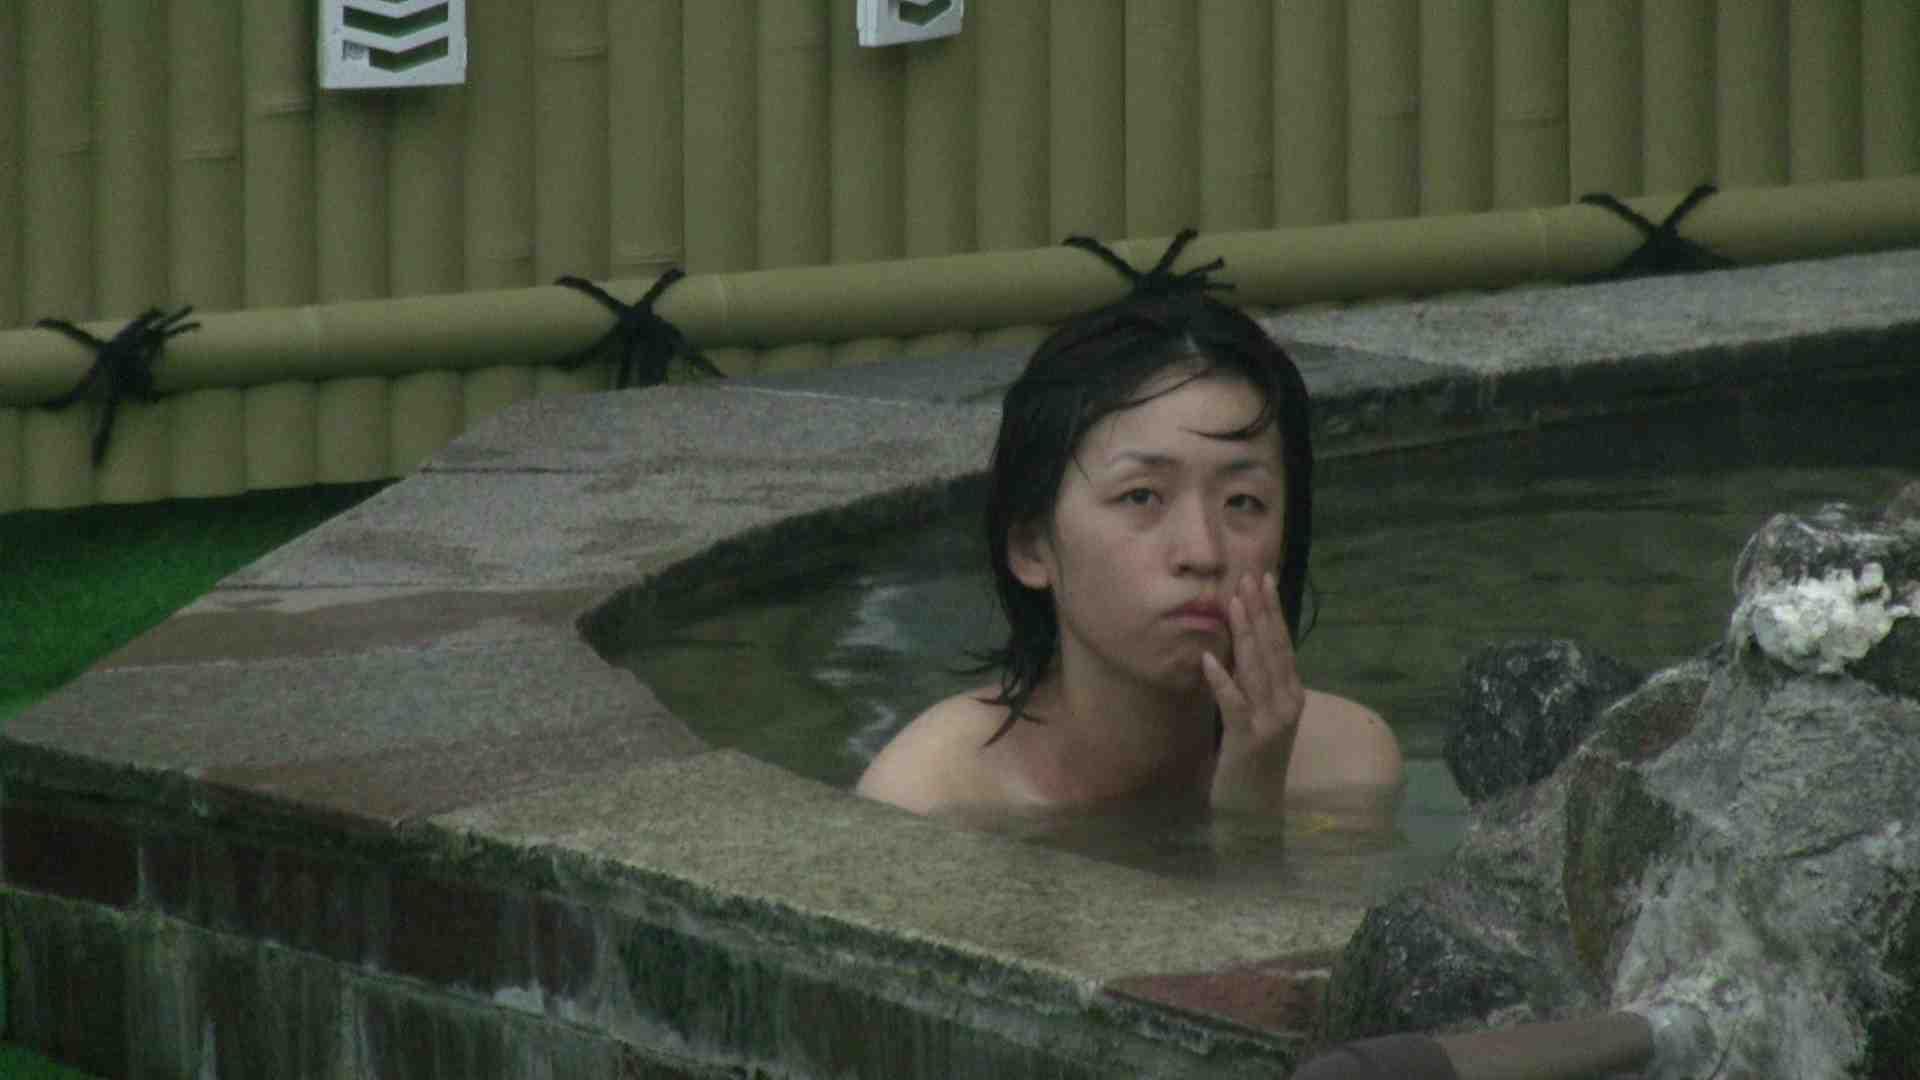 Aquaな露天風呂Vol.170 盗撮大放出 オメコ動画キャプチャ 65連発 46